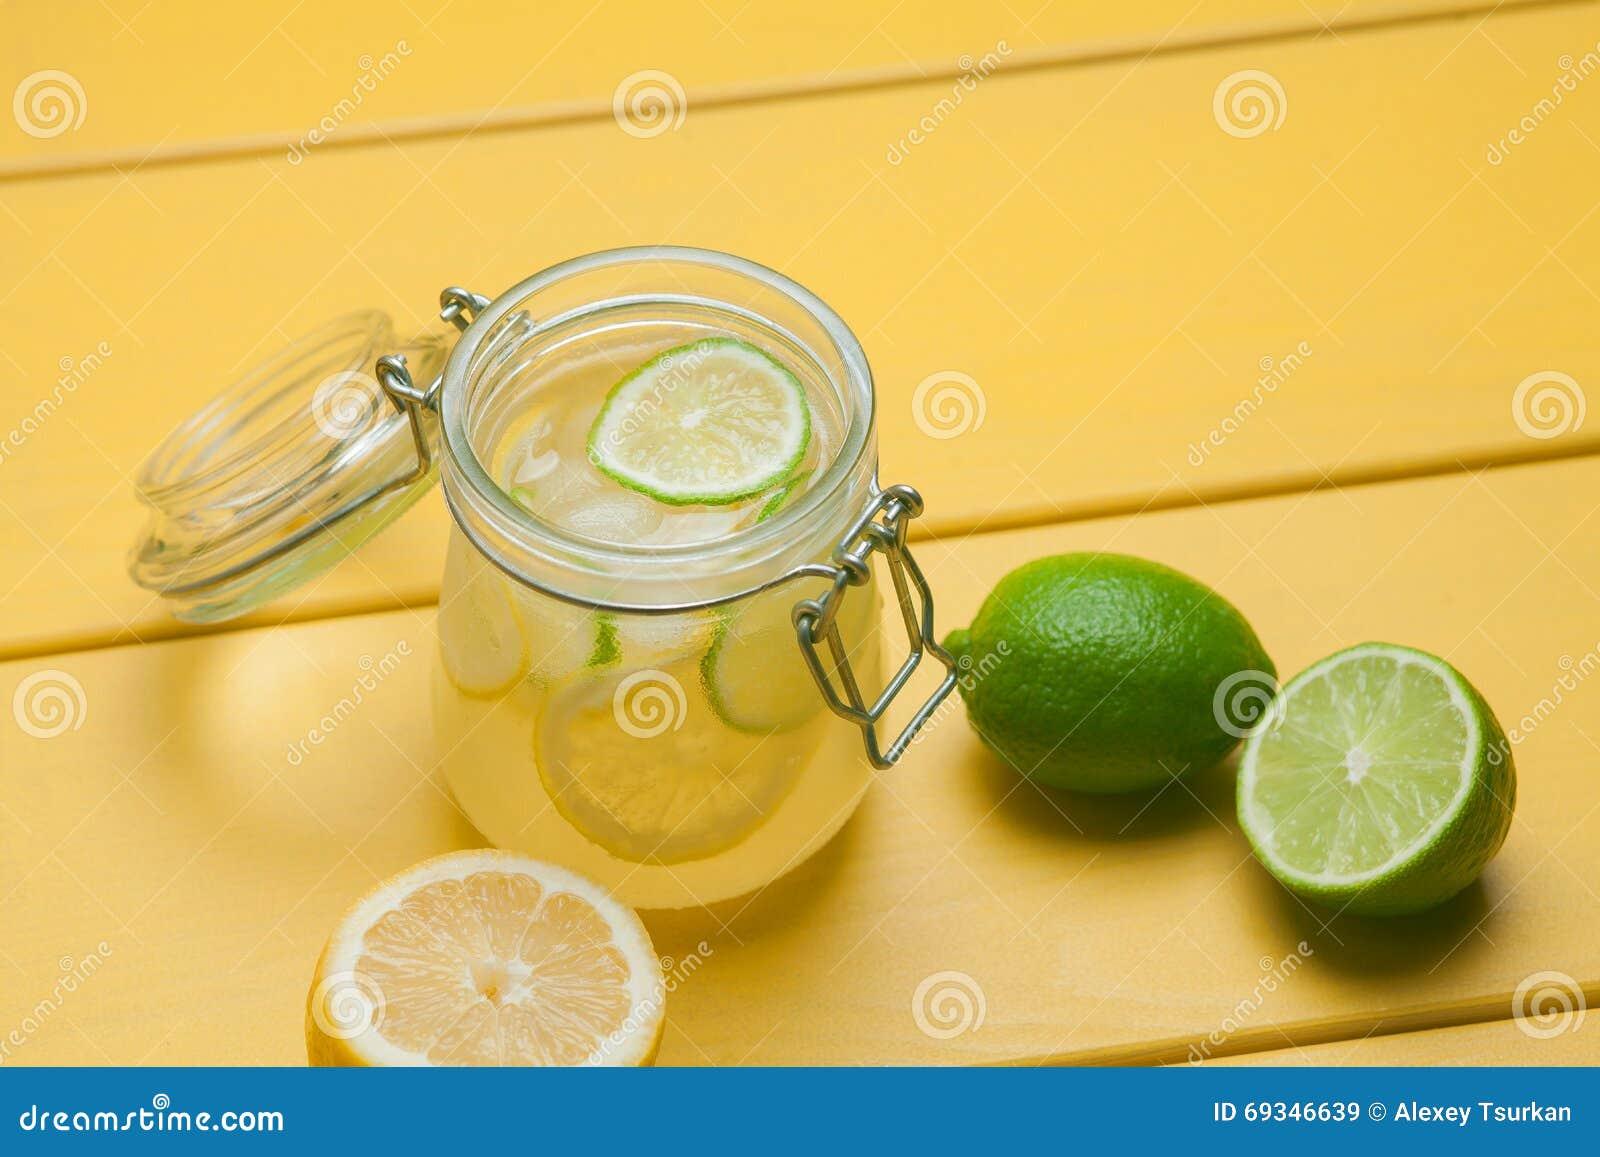 Lemonad med is, citronen och limefrukt i en krus på gula trälodisar